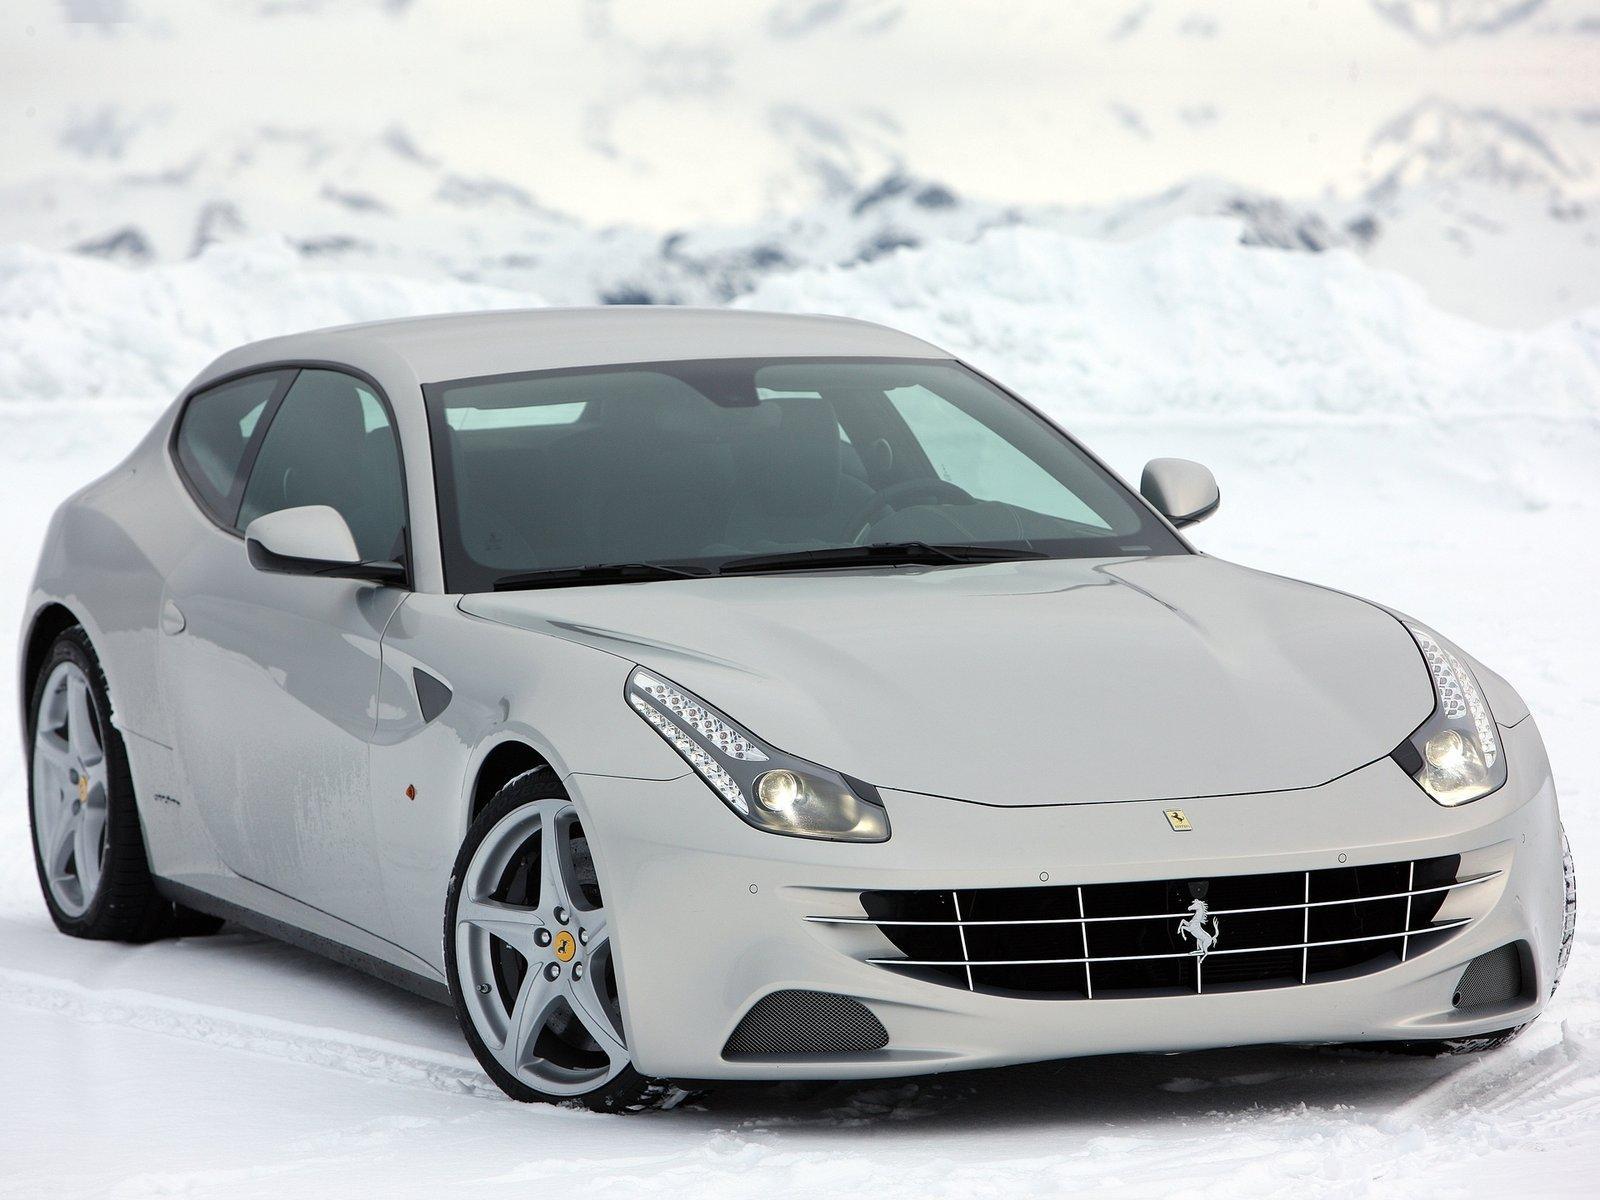 http://2.bp.blogspot.com/-d_wnNzqNdsw/T3lFZ-DzfVI/AAAAAAAADYQ/2e5eK10UkrA/s1600/Ferrari+Wallpaper+-+05.jpg